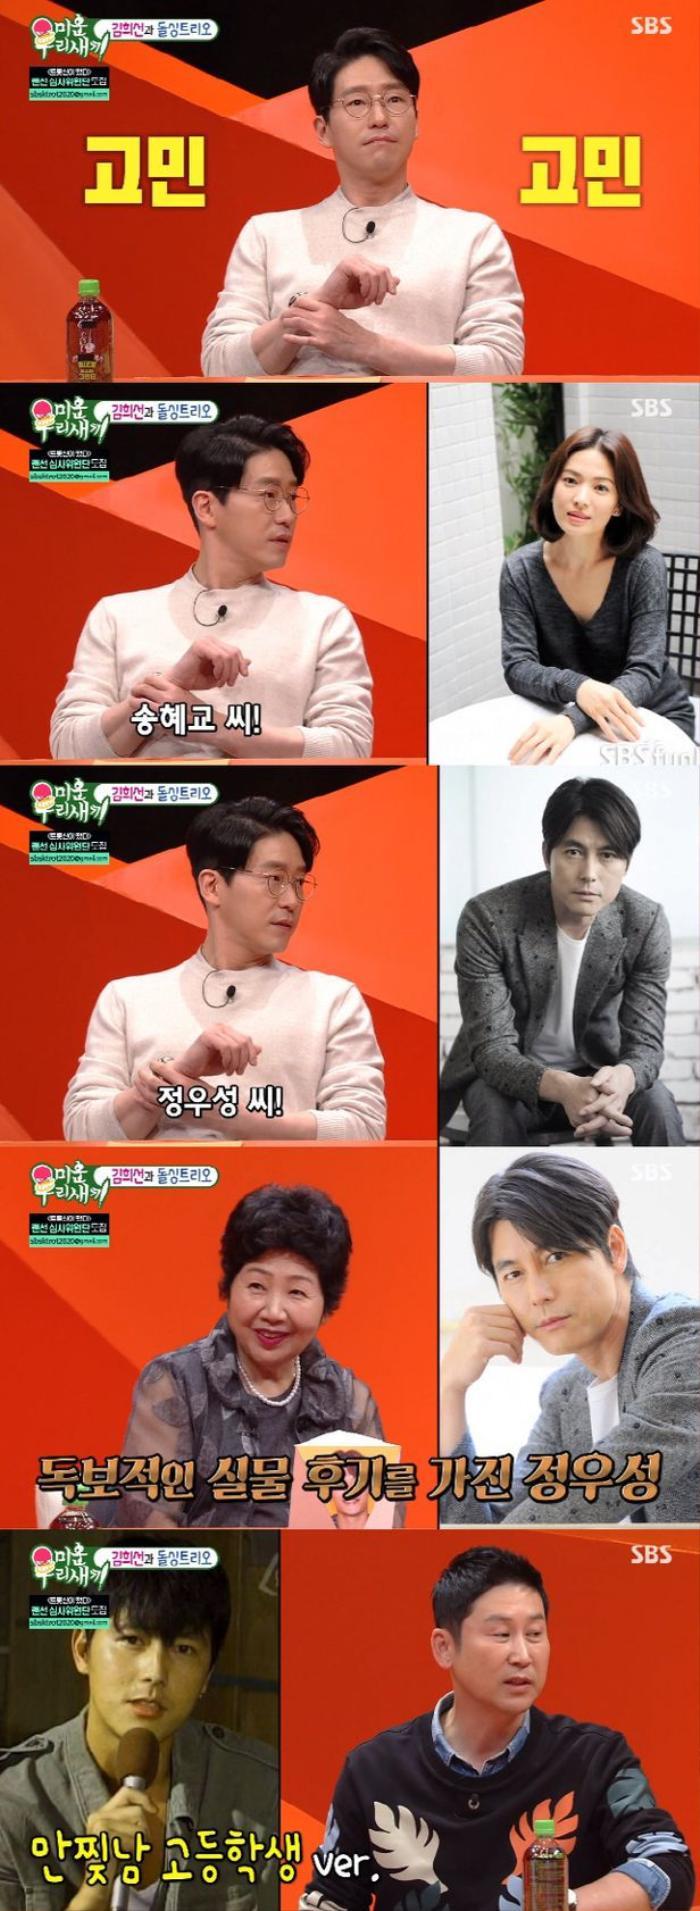 Tài tử Uhm Ki Joon 'phải lòng' Moon Geun Young, chọn Song Hye Kyo là diễn viên đẹp nhất Ảnh 5